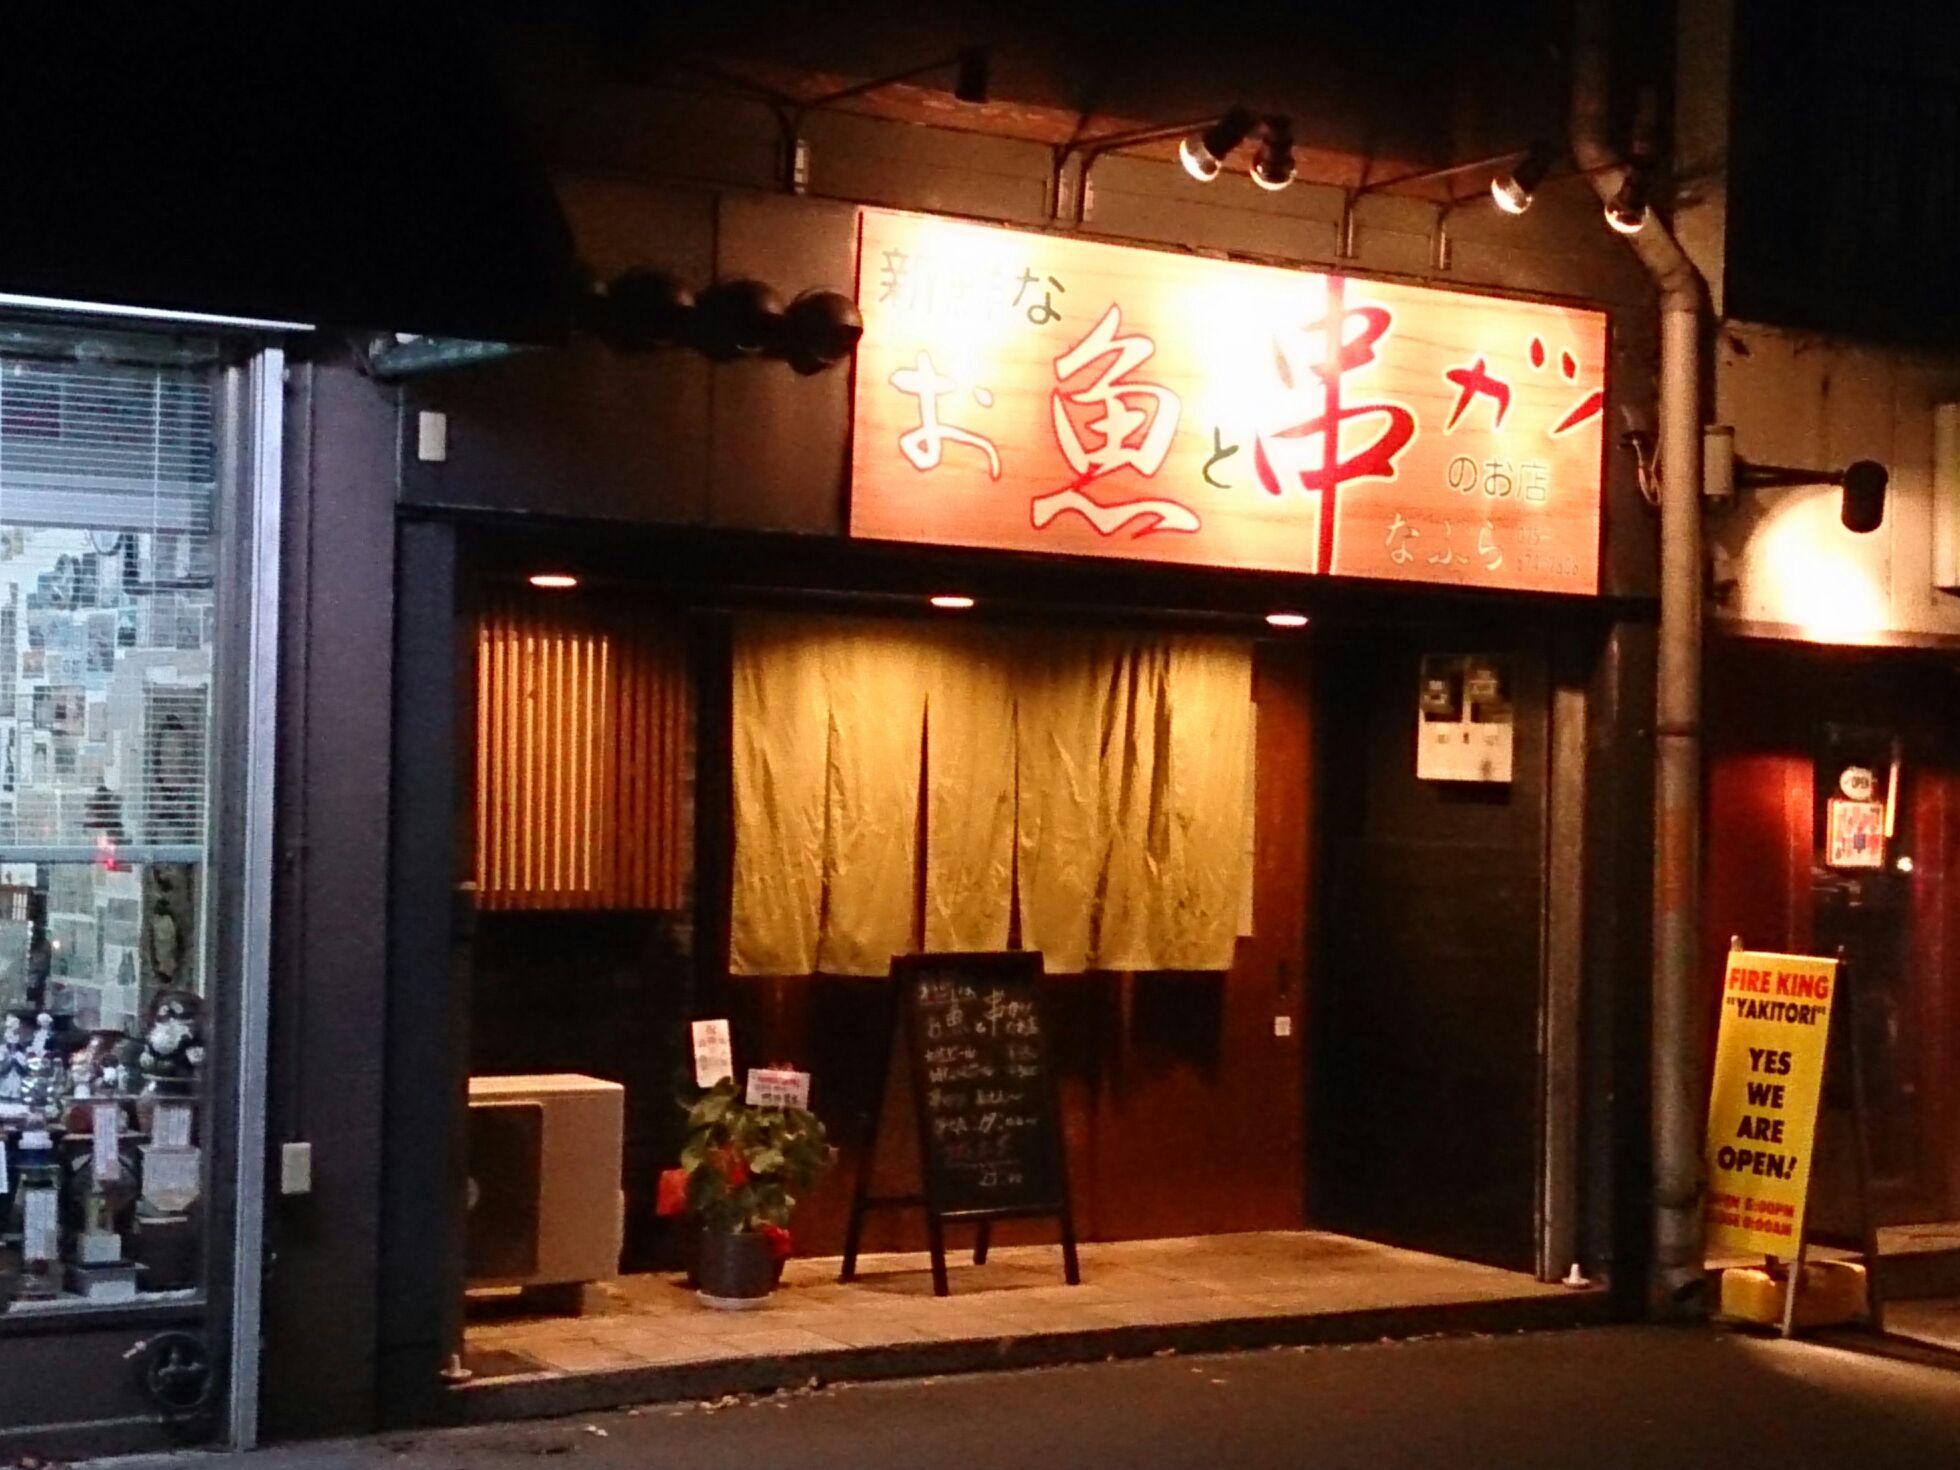 新鮮なお魚と串カツの店 なぶら(京都西大路/居酒屋)